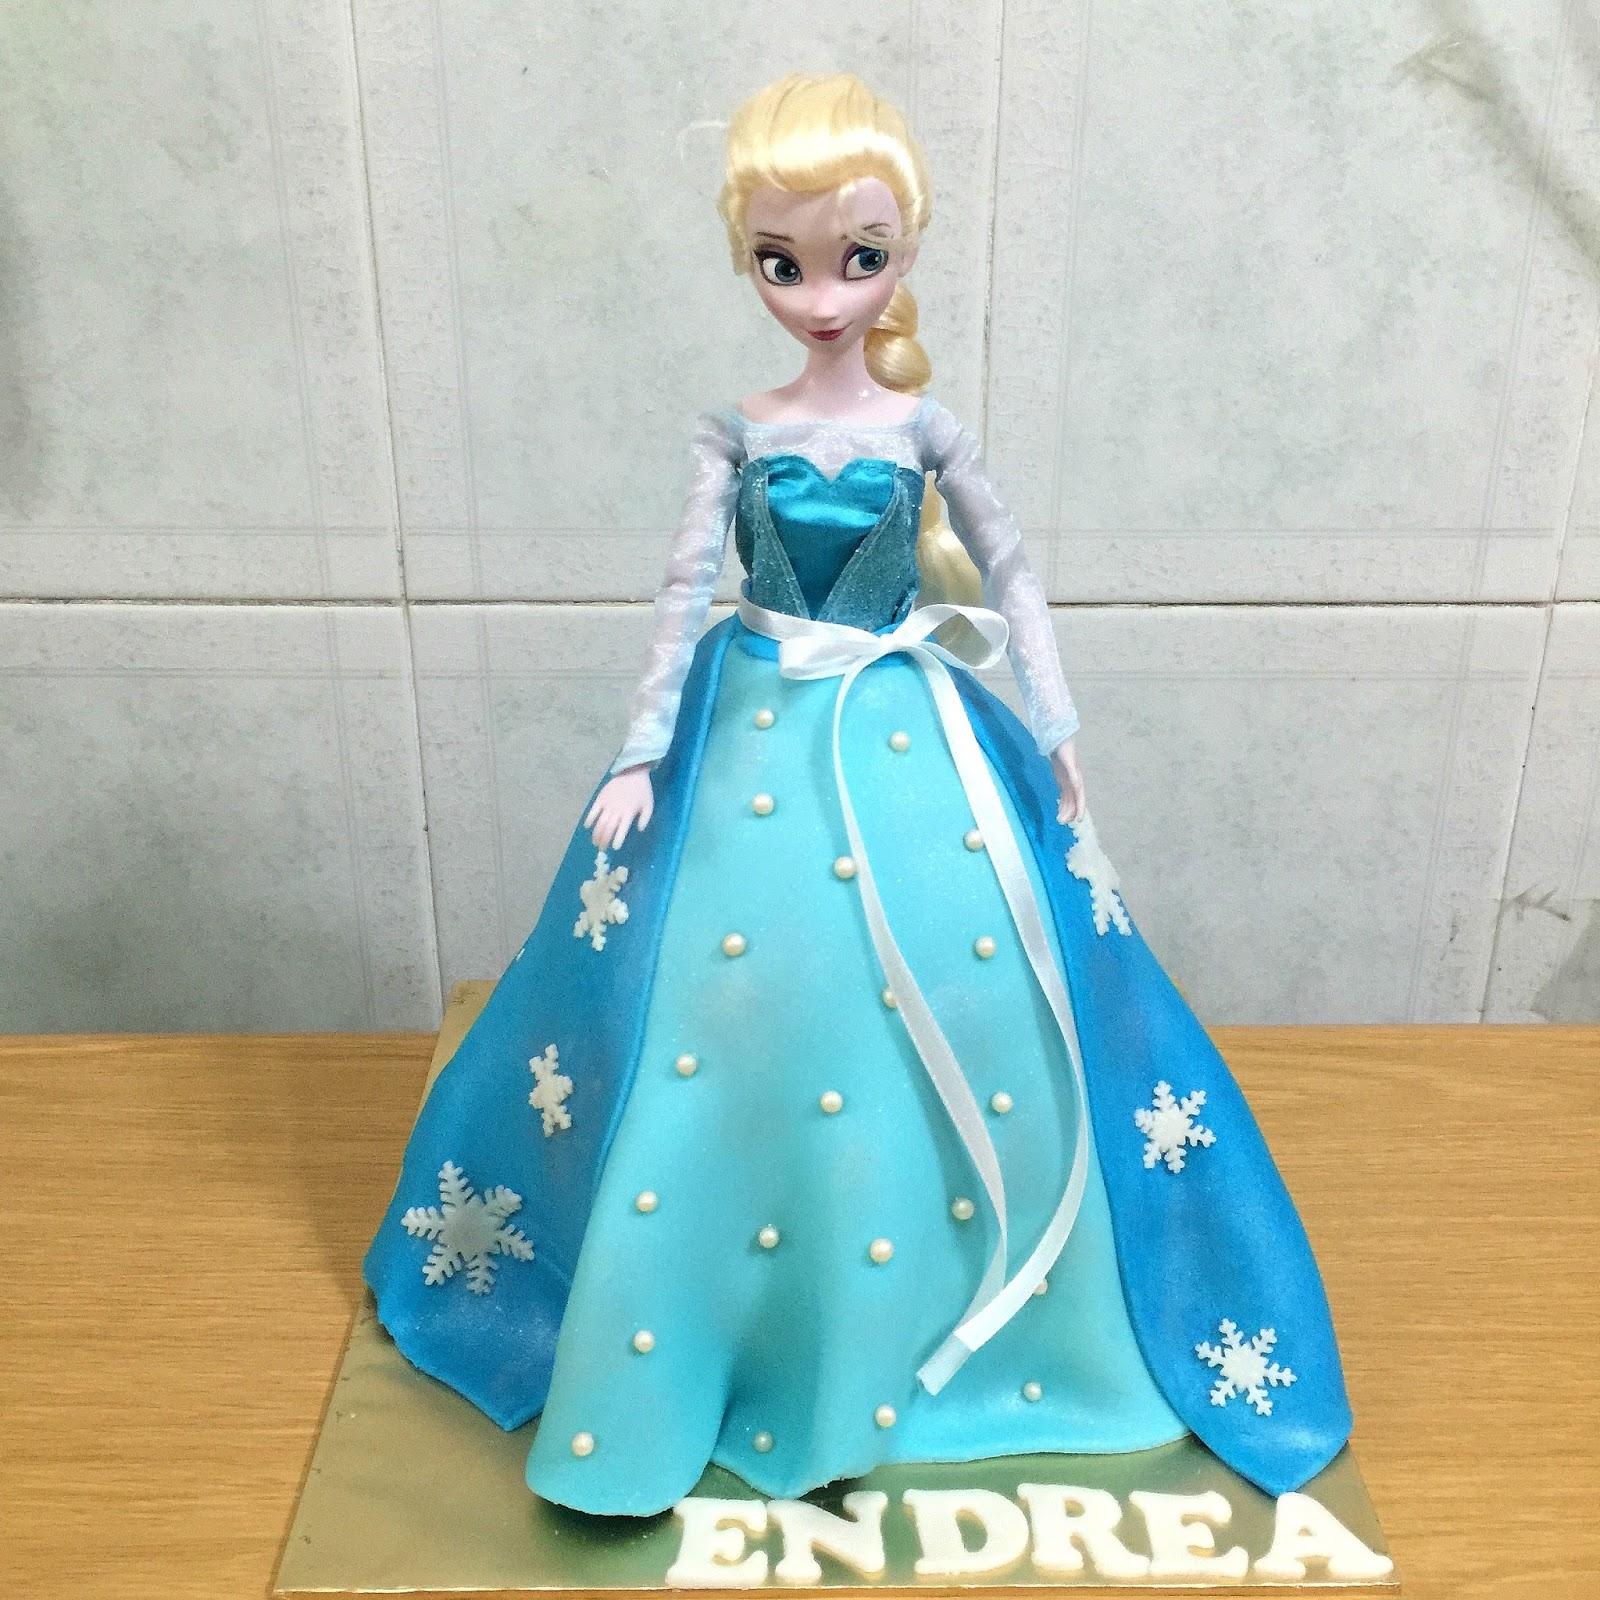 Frozen Princess Elsa Doll Cake Sherbakes